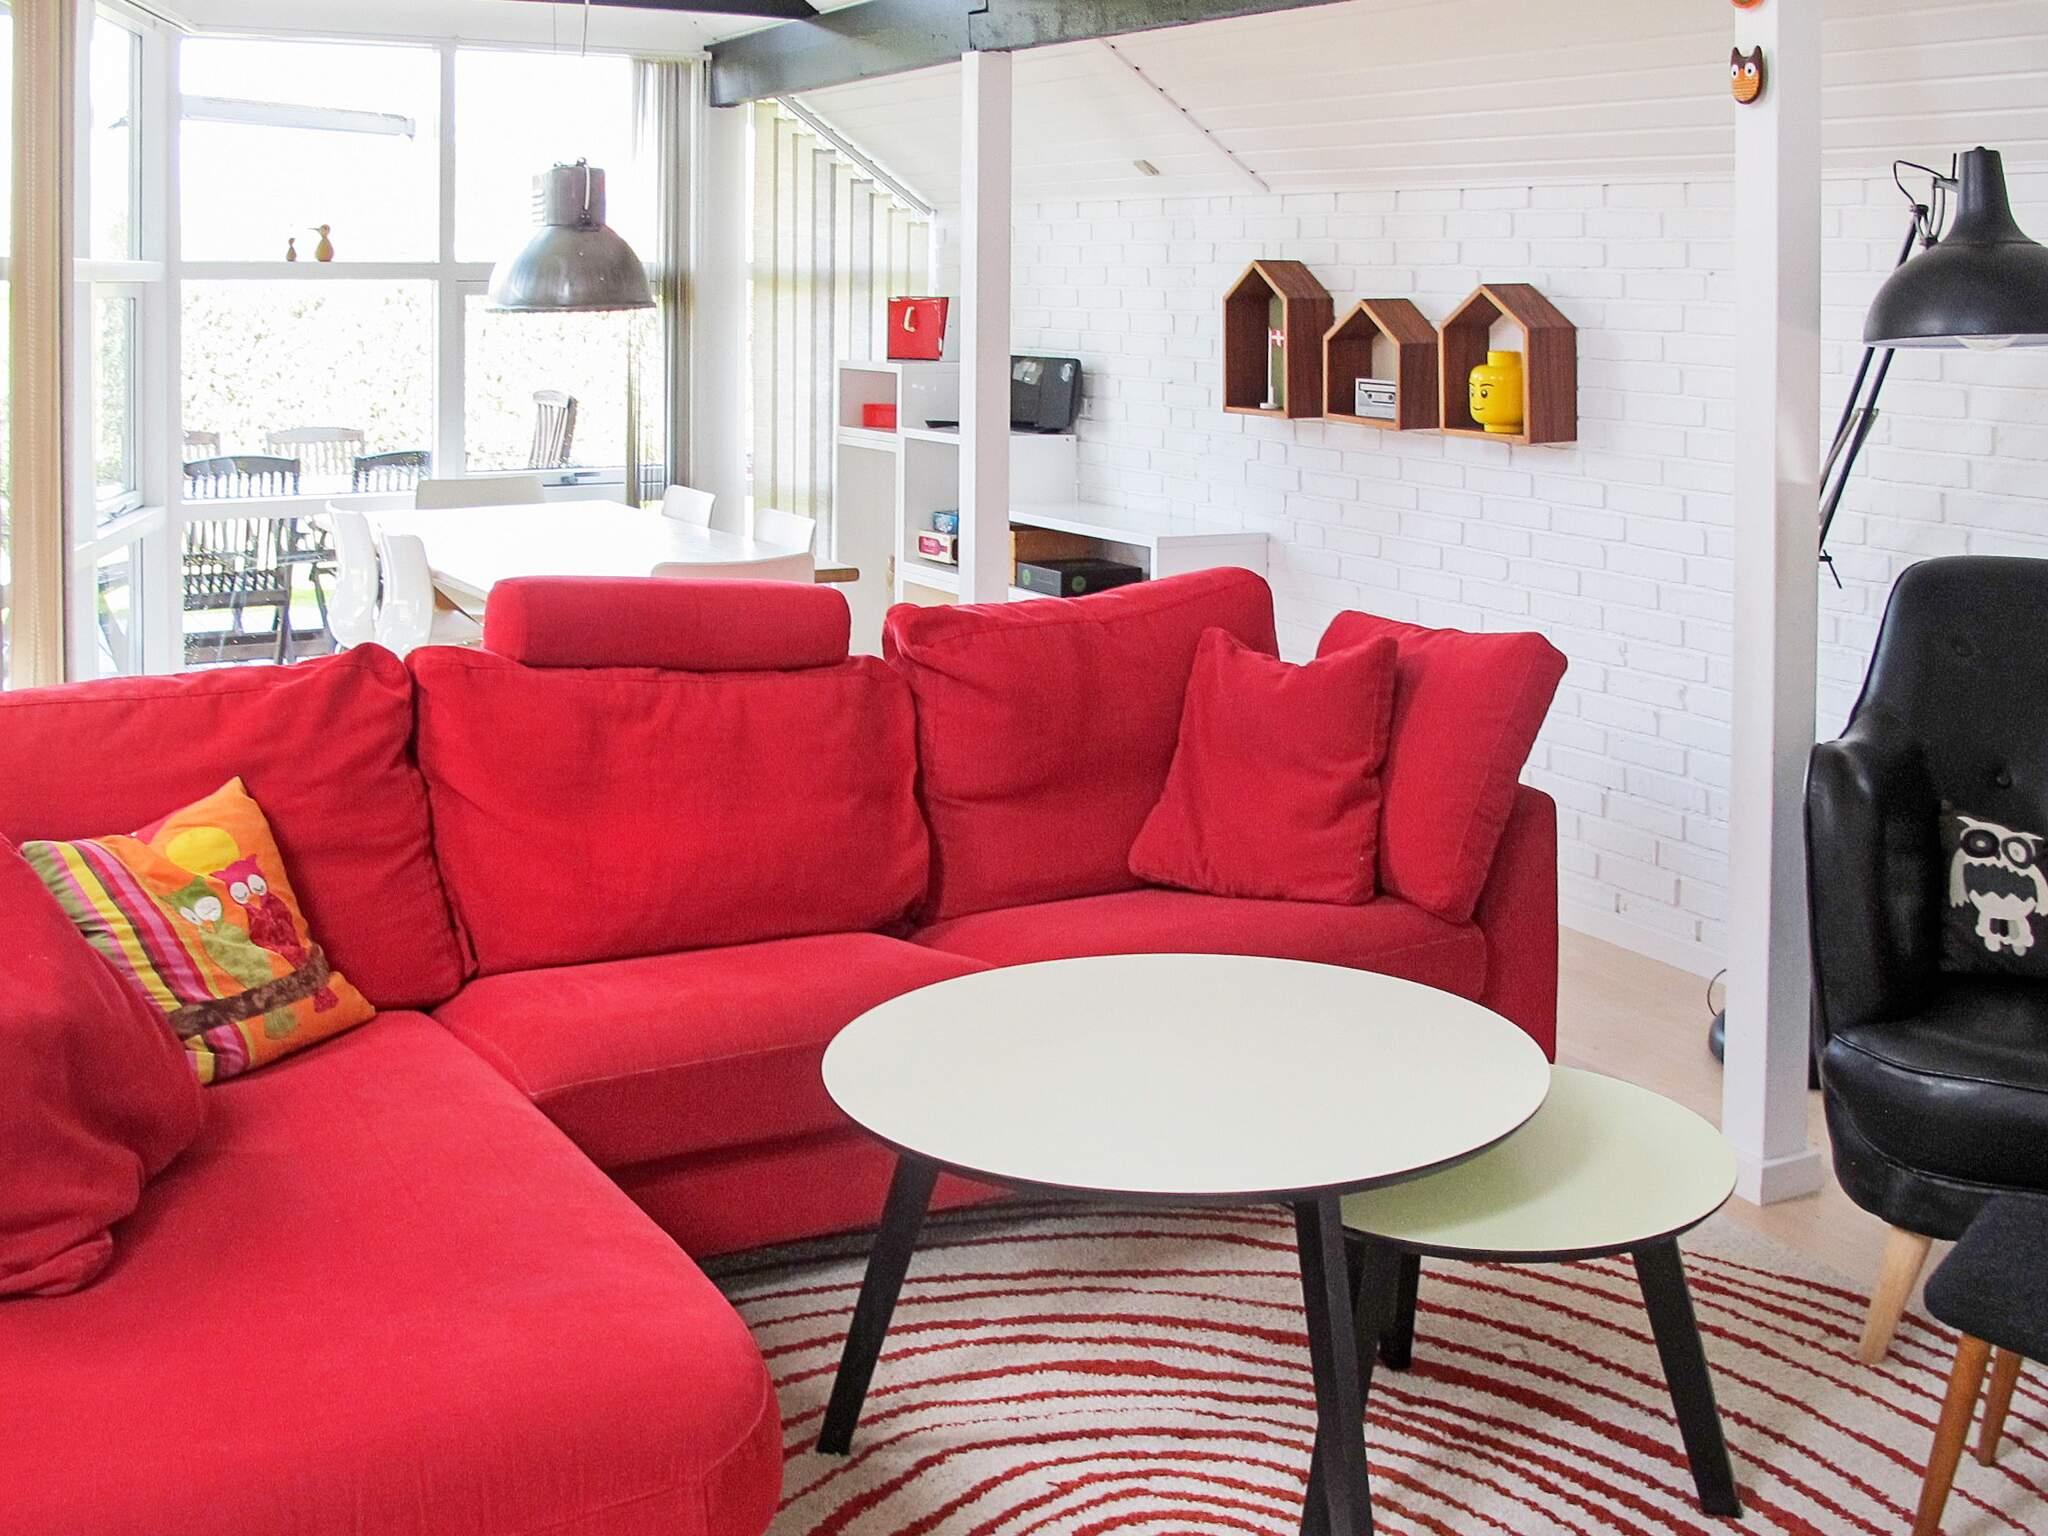 Ferienhaus Enø (2614348), Karrebæksminde, , Südseeland, Dänemark, Bild 6